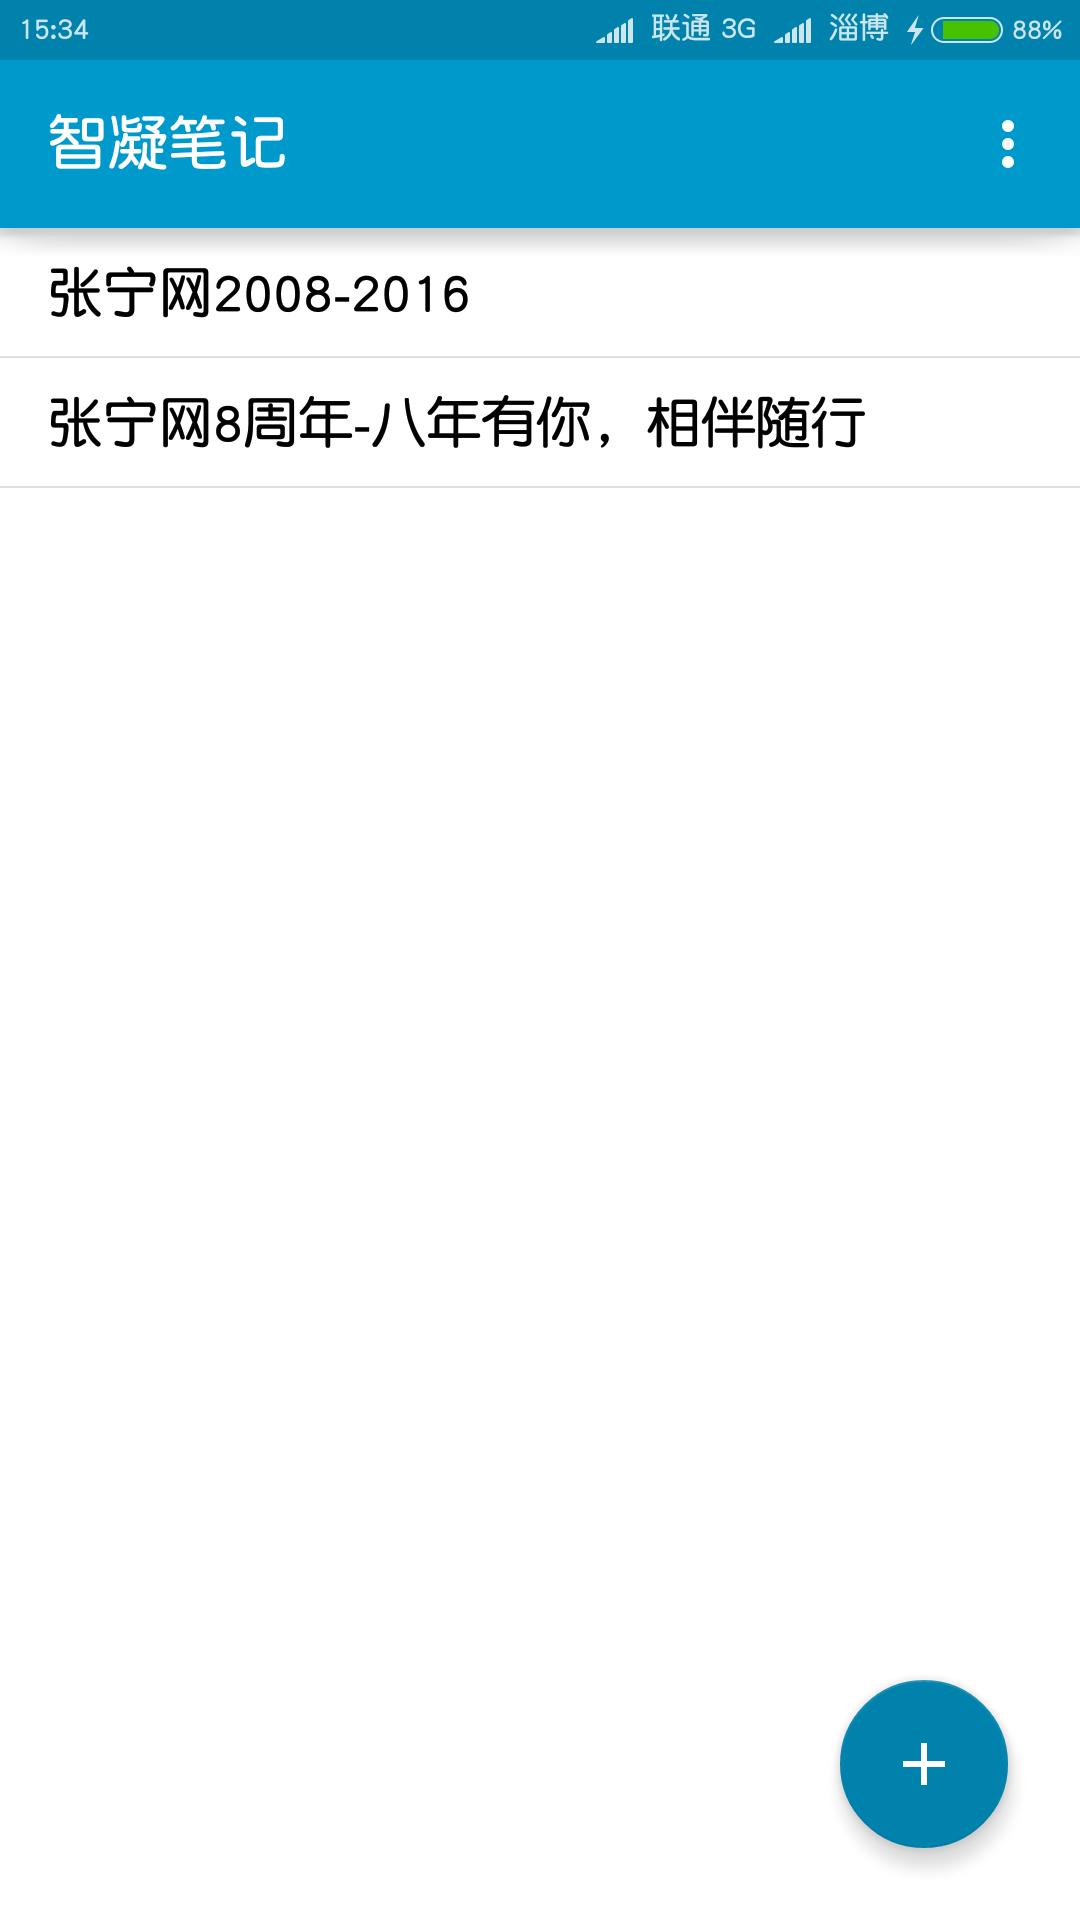 智凝笔记 V3.0 安卓版截图2